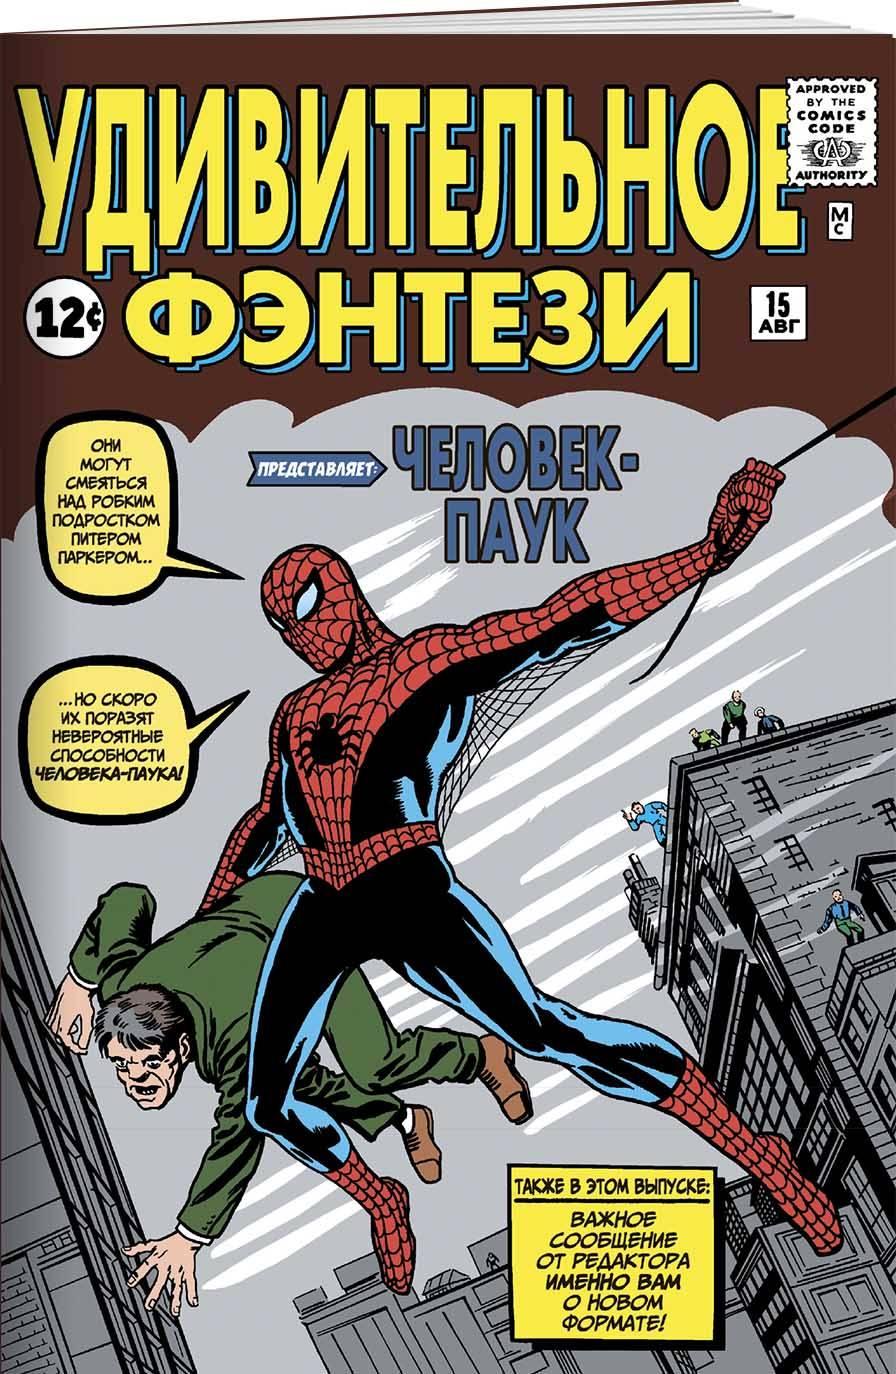 Удивительное фэнтези #15. Первое появление Человека-Паука ( Стэн Ли  )